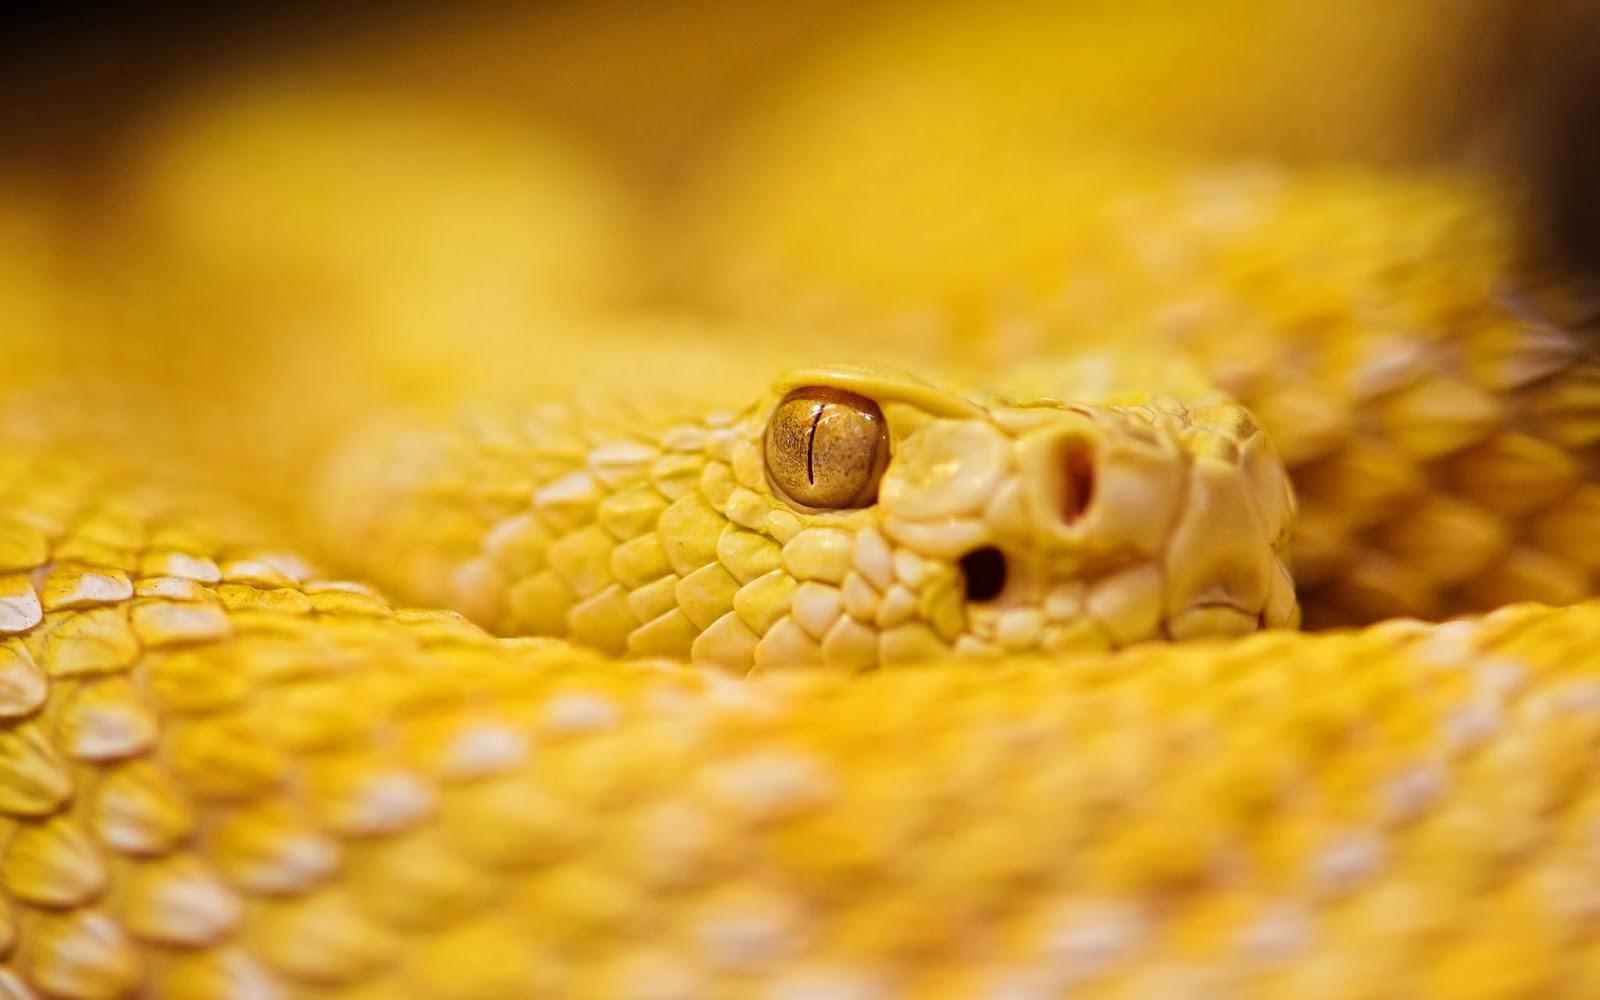 """<img src=""""http://2.bp.blogspot.com/-9H2zZUCh6m0/UtgF1uqjYNI/AAAAAAAAISk/dL3-E8JZP1U/s1600/animal-wallpapers-snake.jpg"""" alt=""""Animal wallpapers"""" />"""